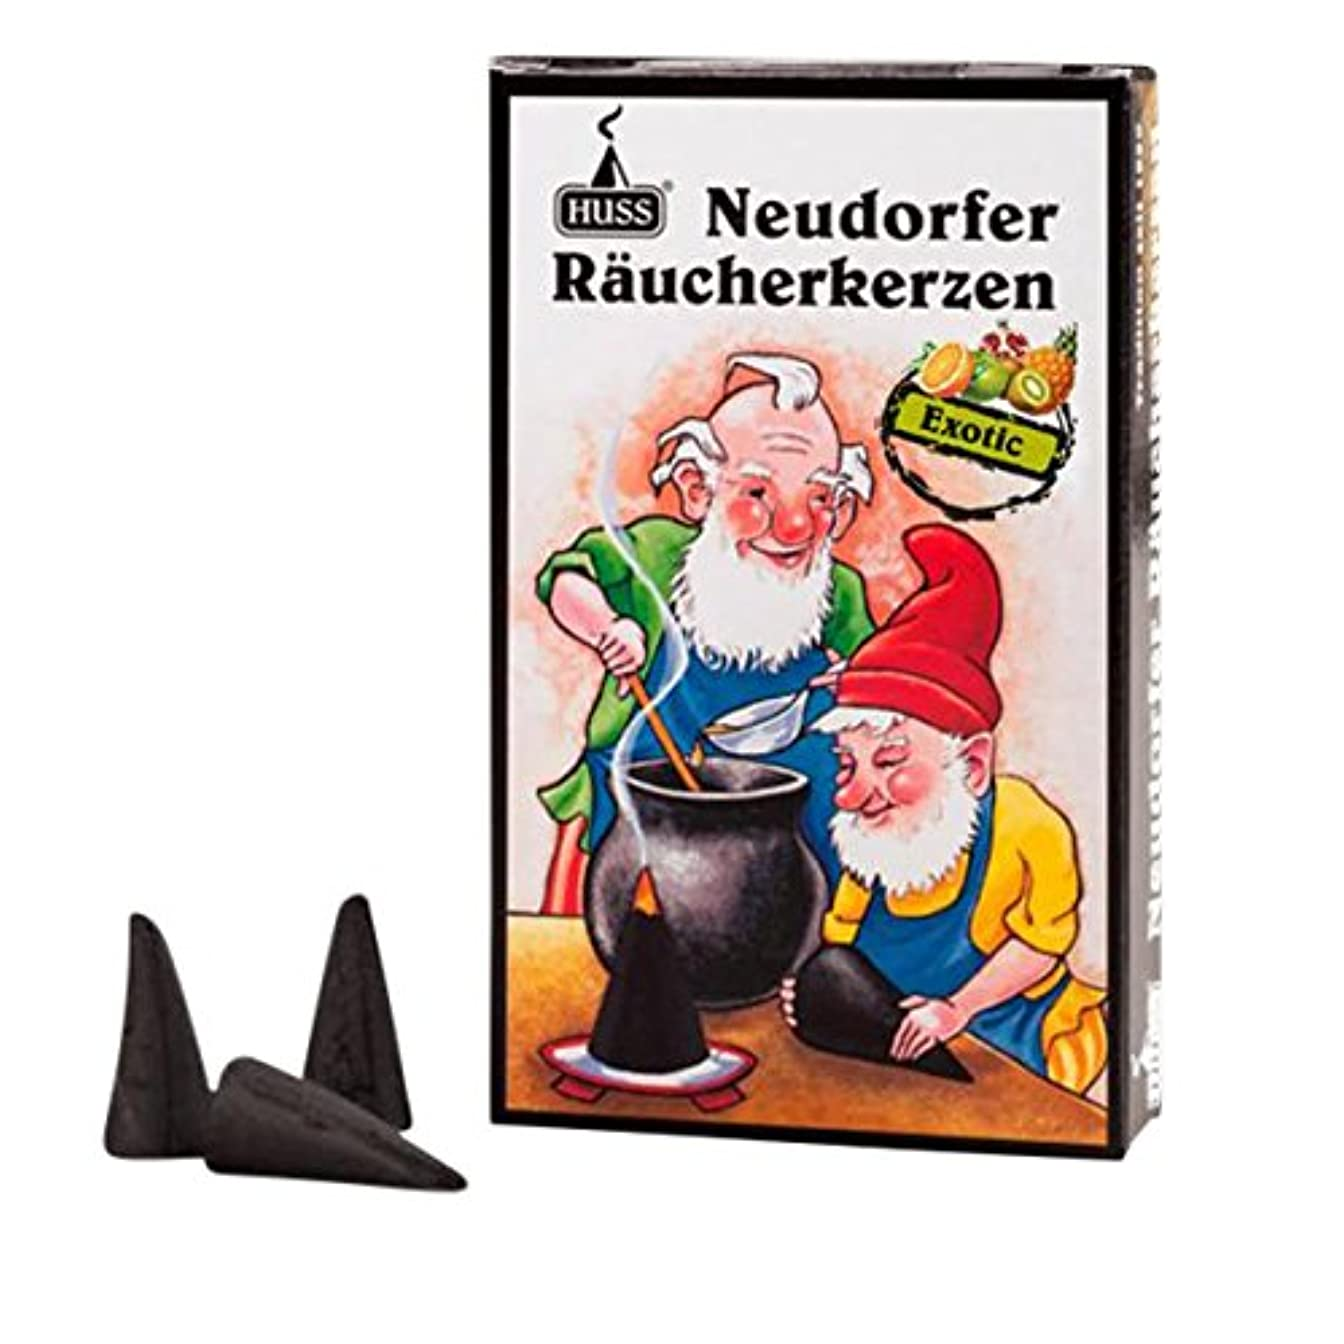 Huss Incense Cones for German Incense Smoker – エキゾチック – 環境にやさしいドイツのハンドメイド